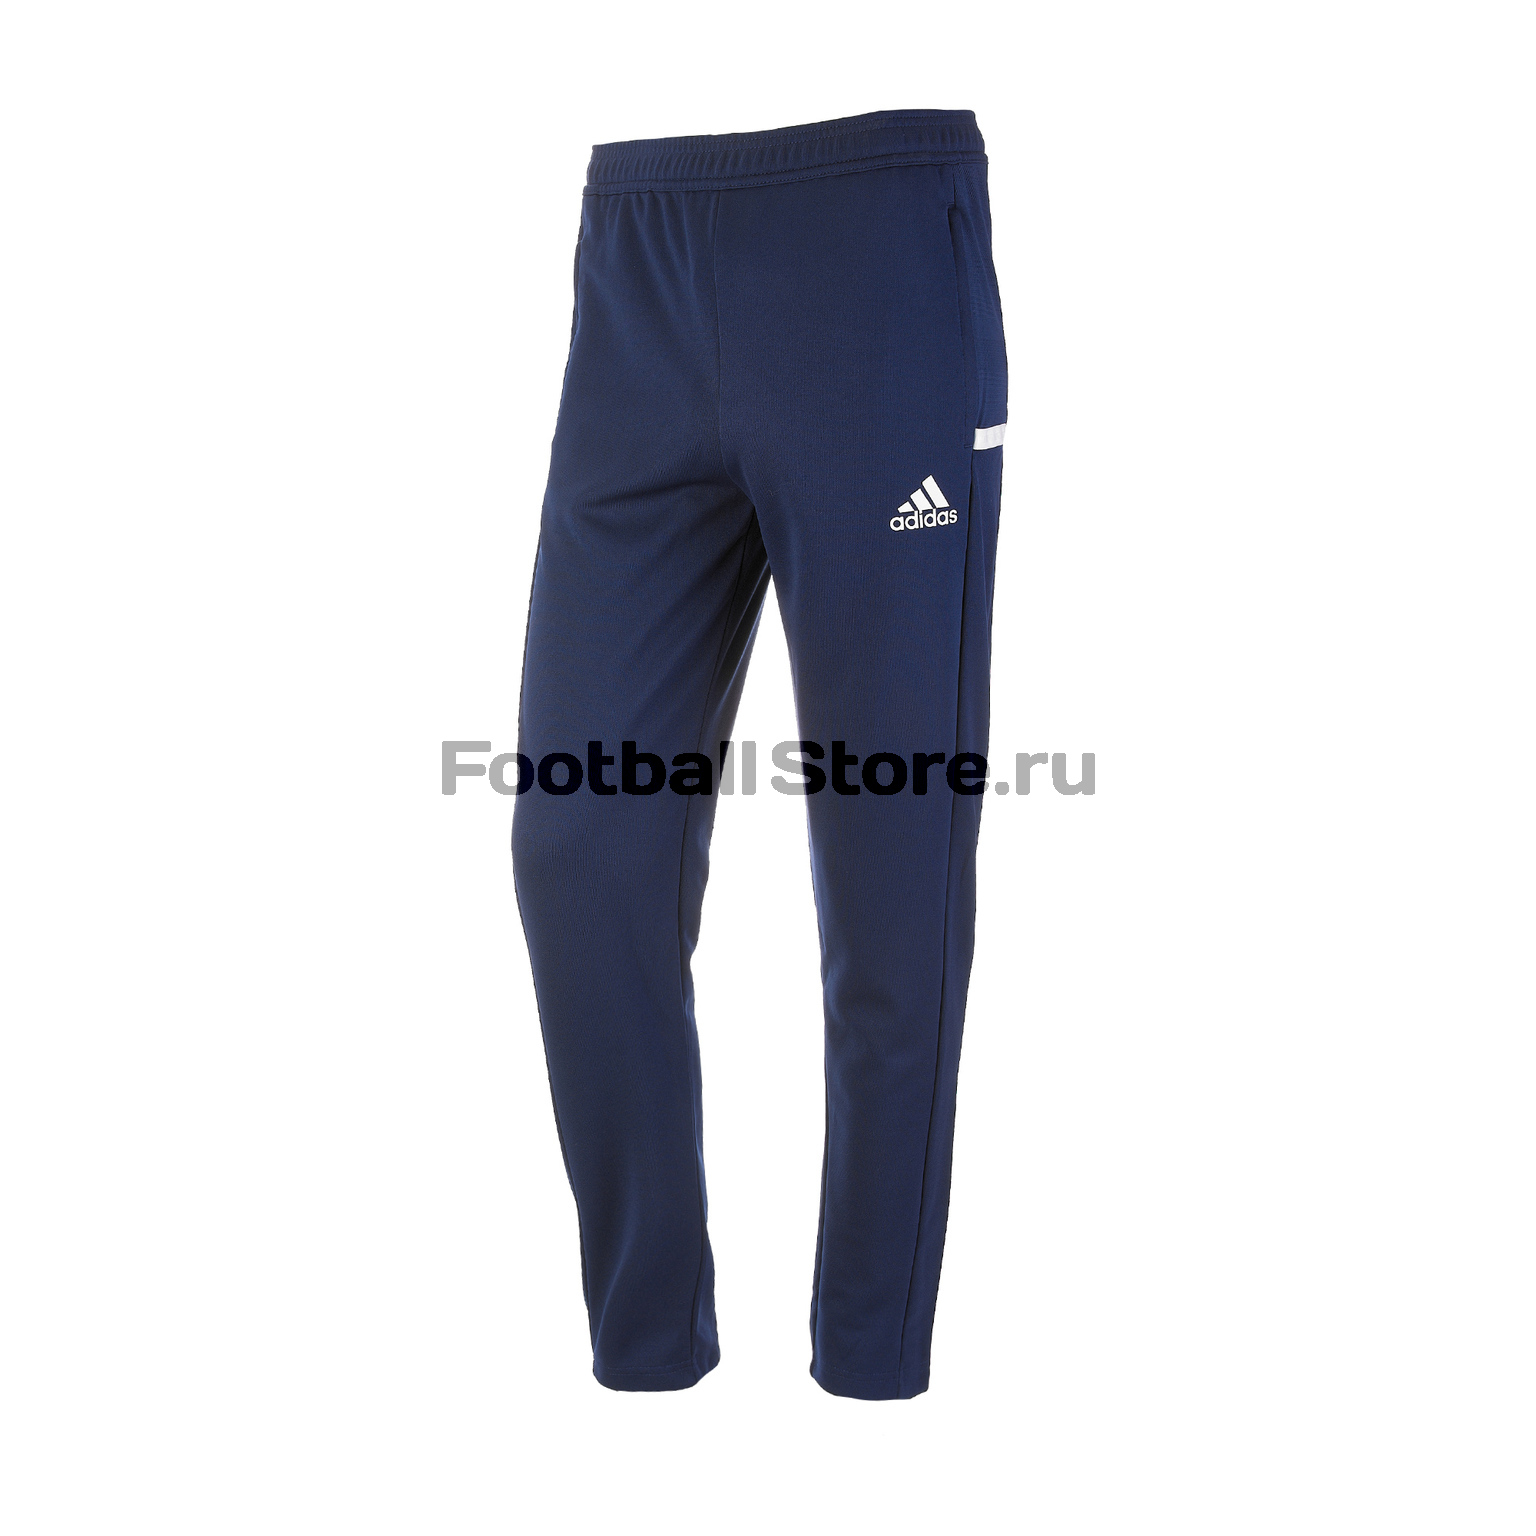 Брюки подростковые Adidas Pant DY8829